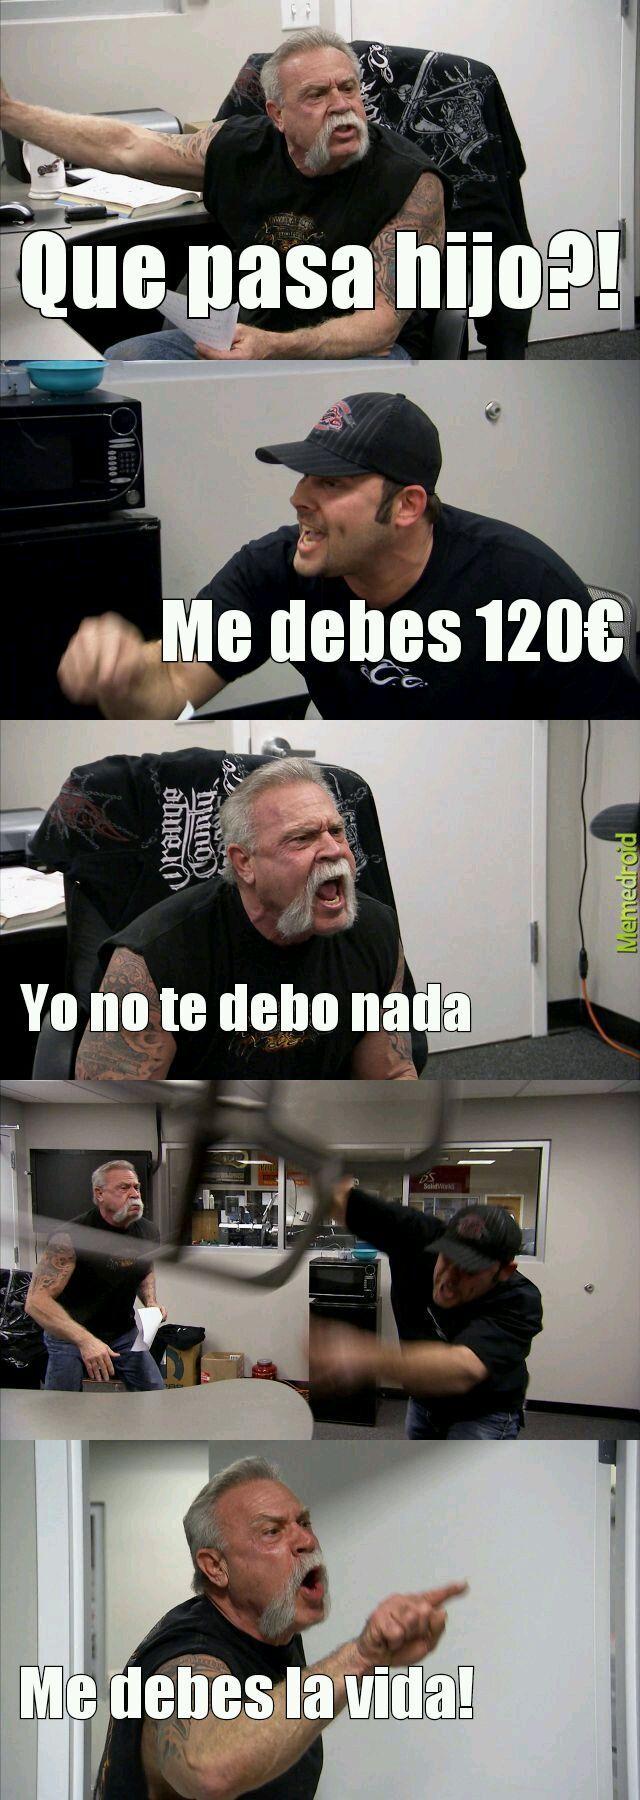 Discusiones - meme